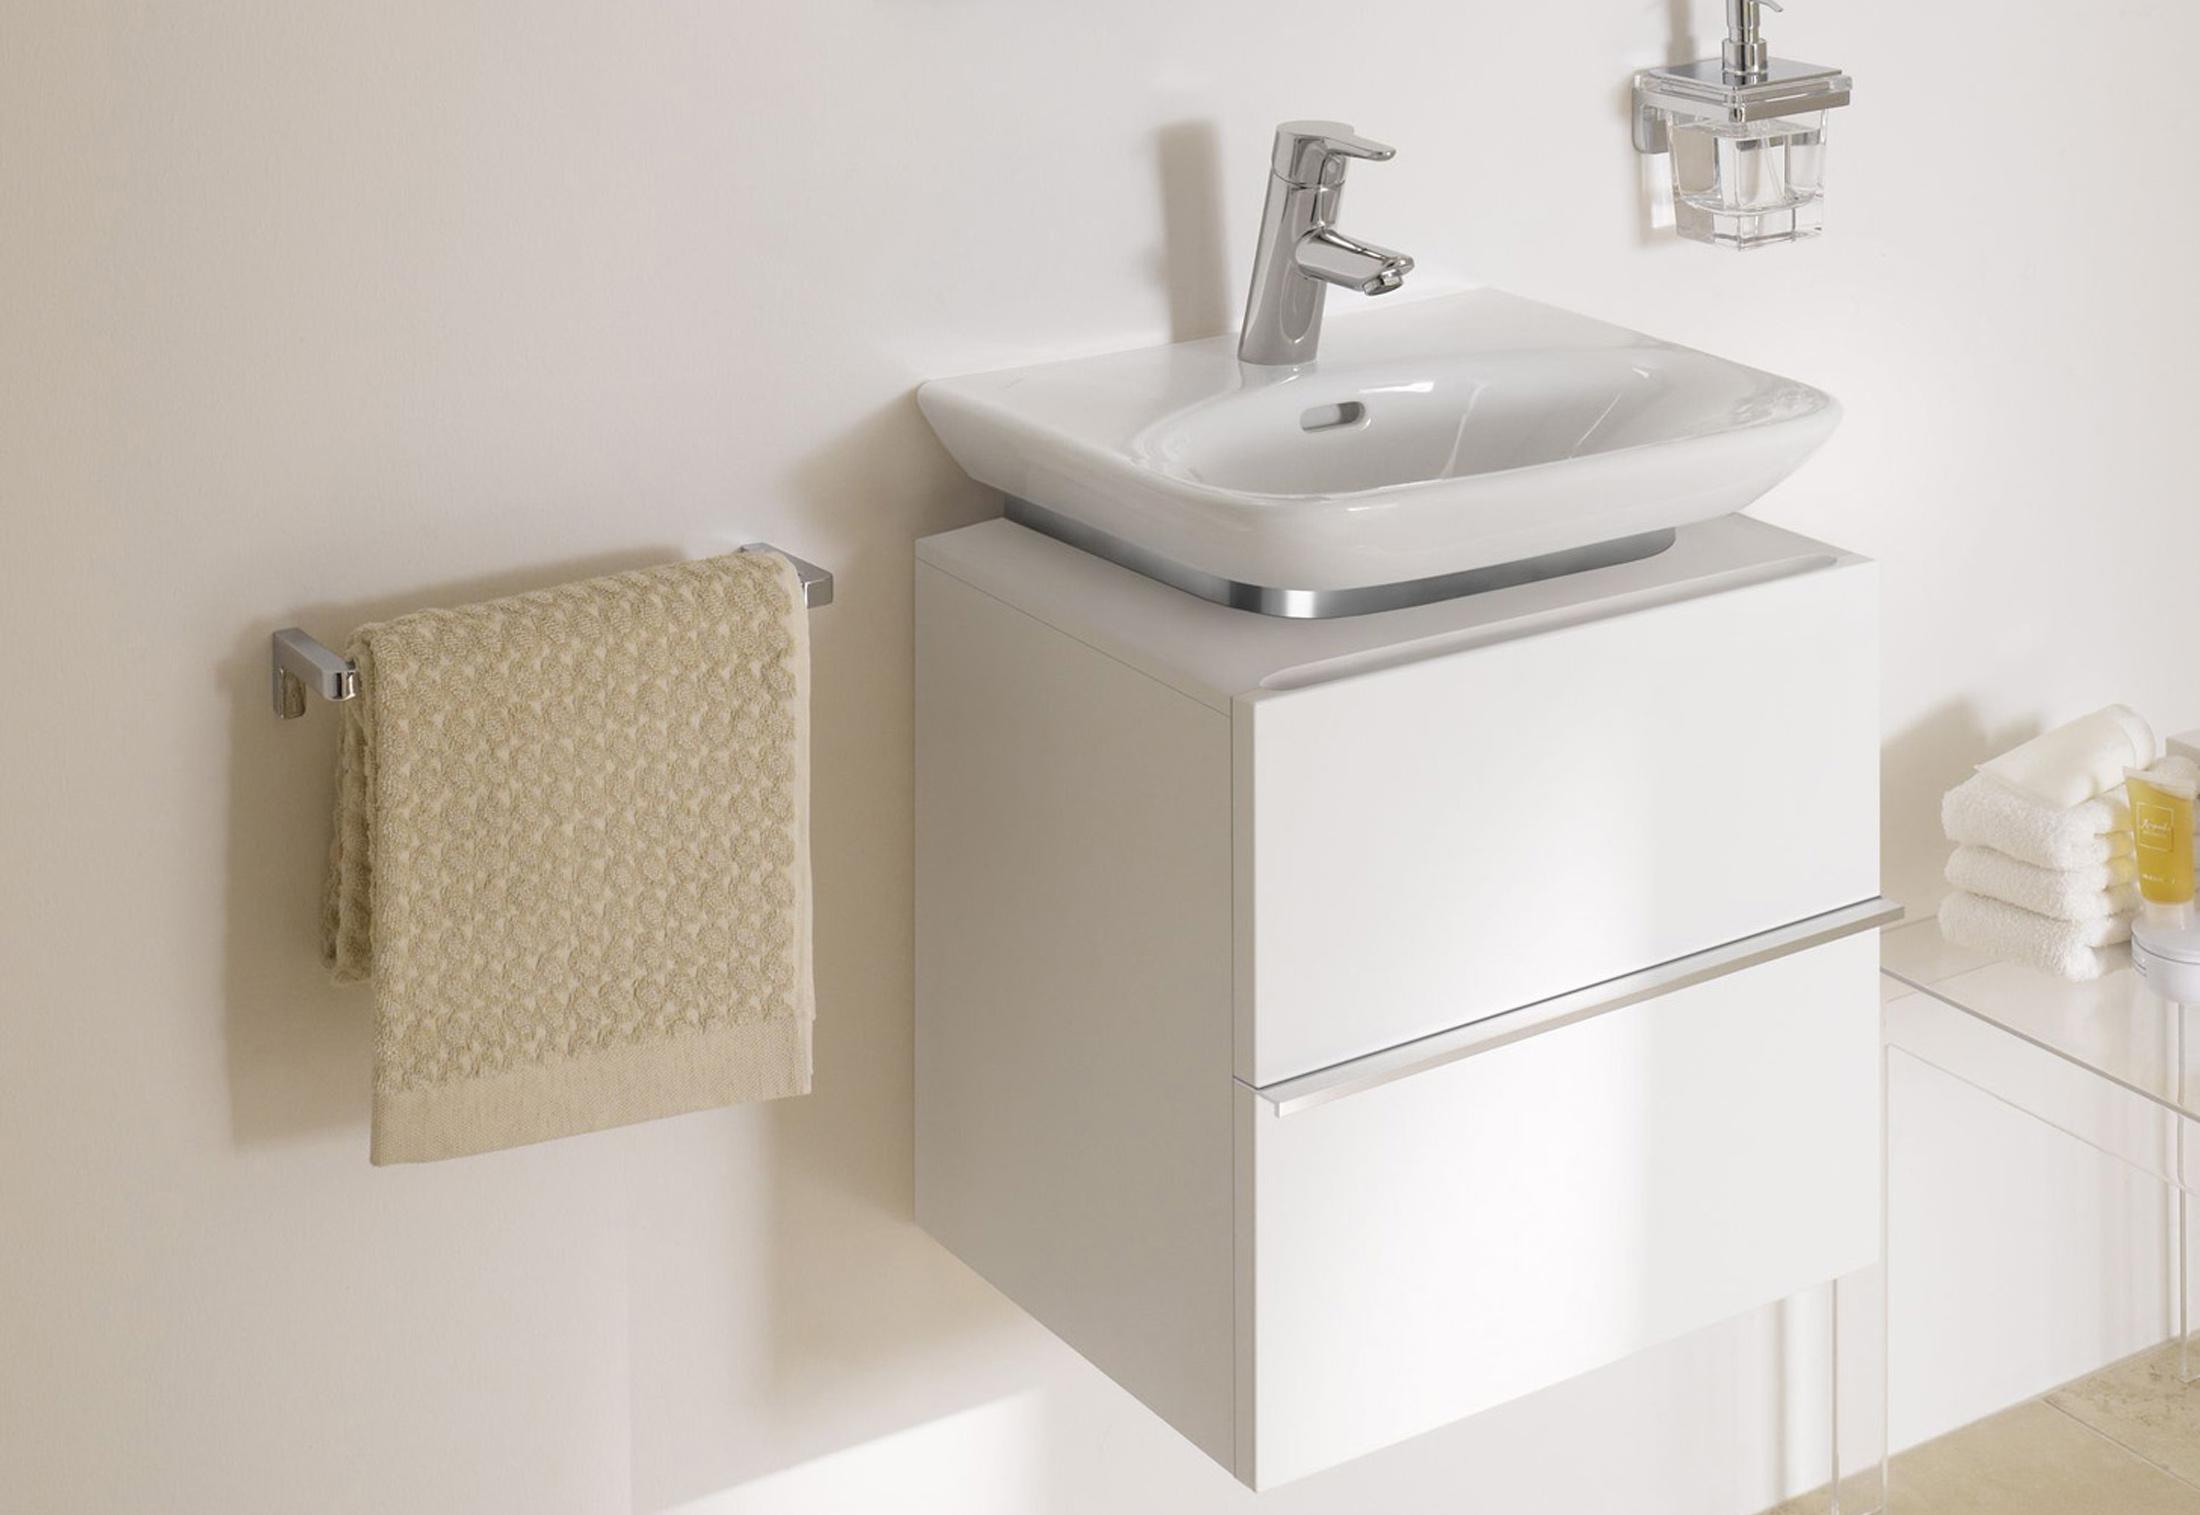 palace waschtischunterschrank klein von laufen stylepark. Black Bedroom Furniture Sets. Home Design Ideas